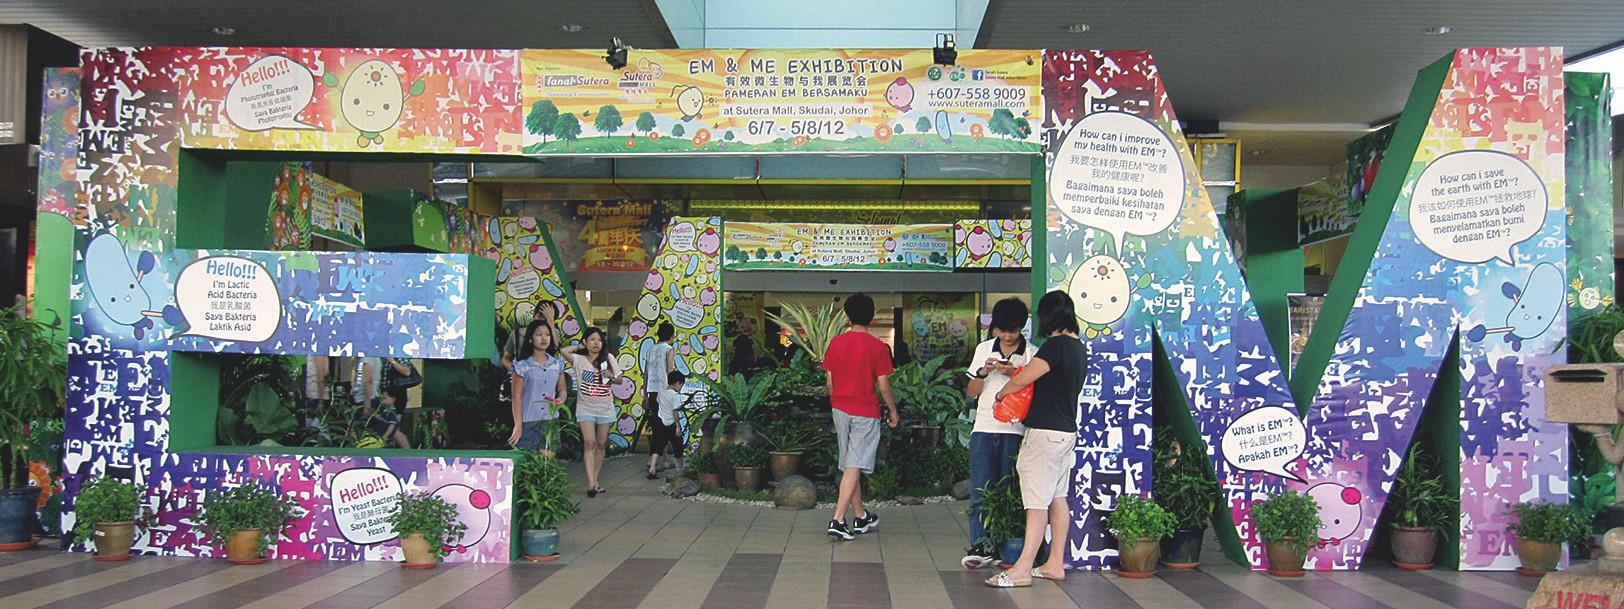 Das Projekt EM-ME (dt.: EM und ich) in dem Einkaufszentrumder Öko-Stadt organisierte ein EM-Ausstellung mit Workshops für Kinder und Erwachsene.